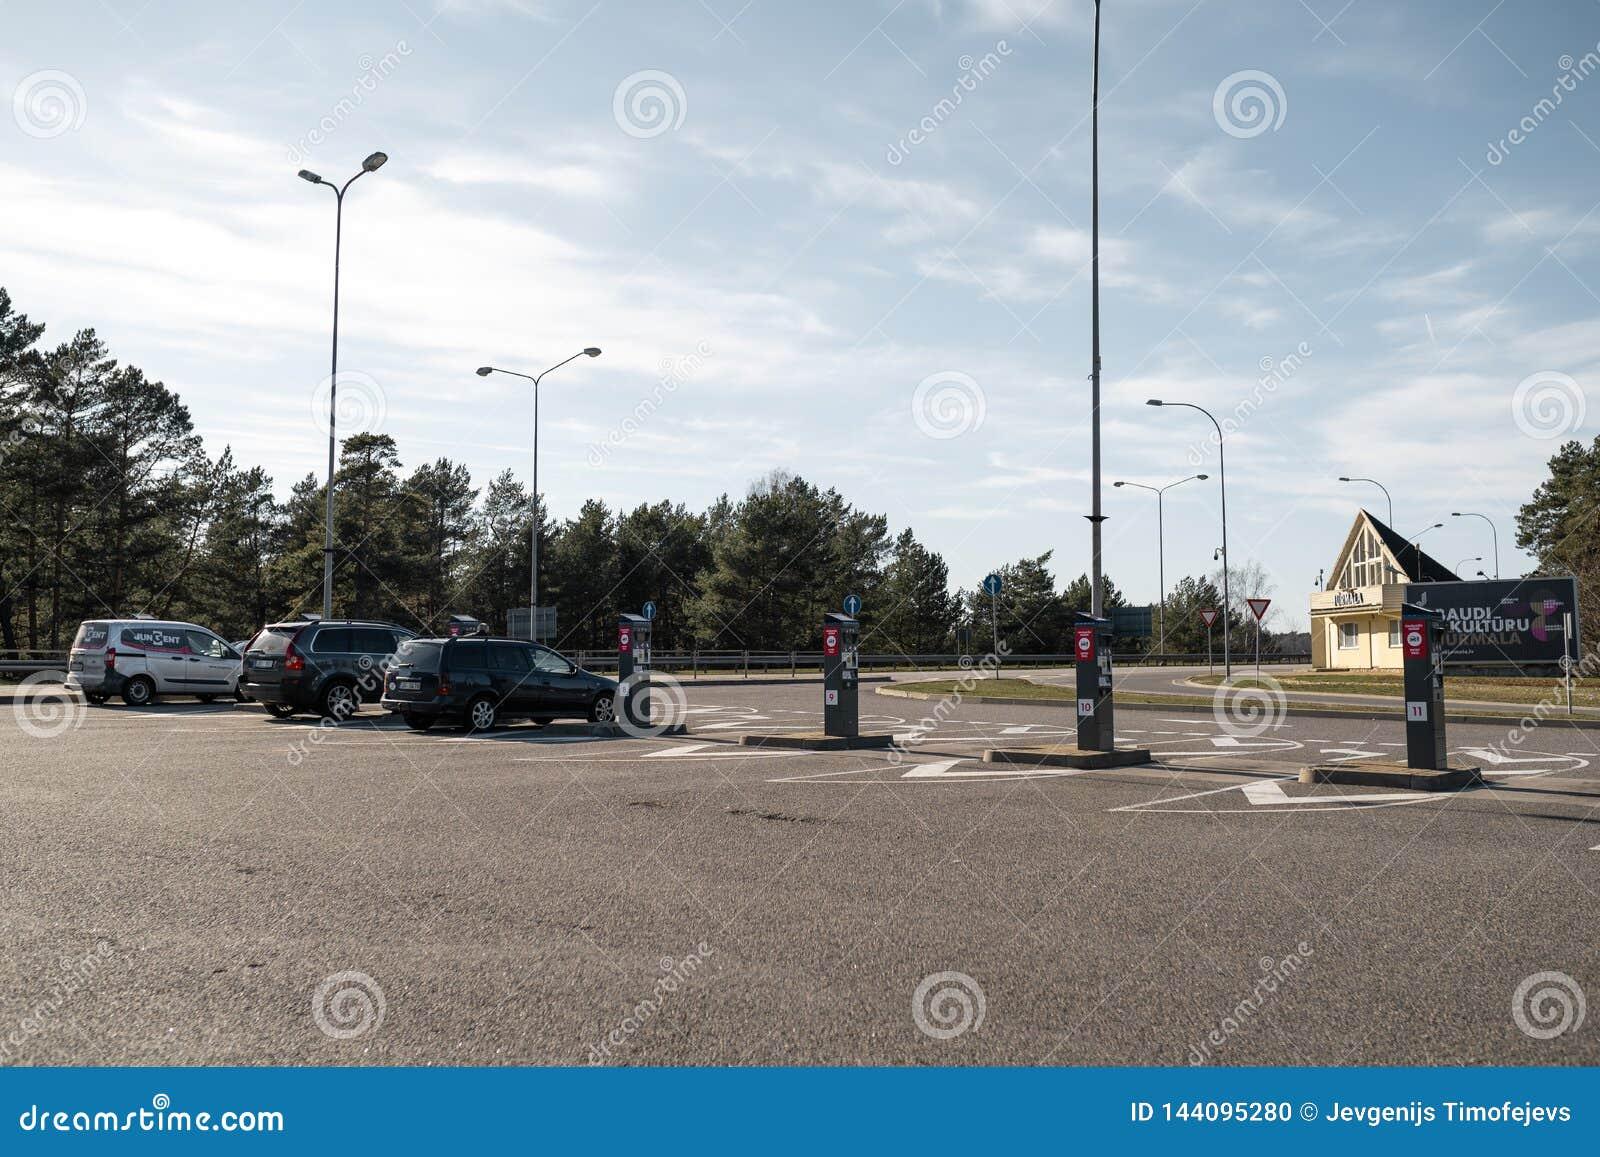 JURMALA, LETTLAND - 2. APRIL 2019: Leute zahlen 2 EUR, um die Stadt zu betreten